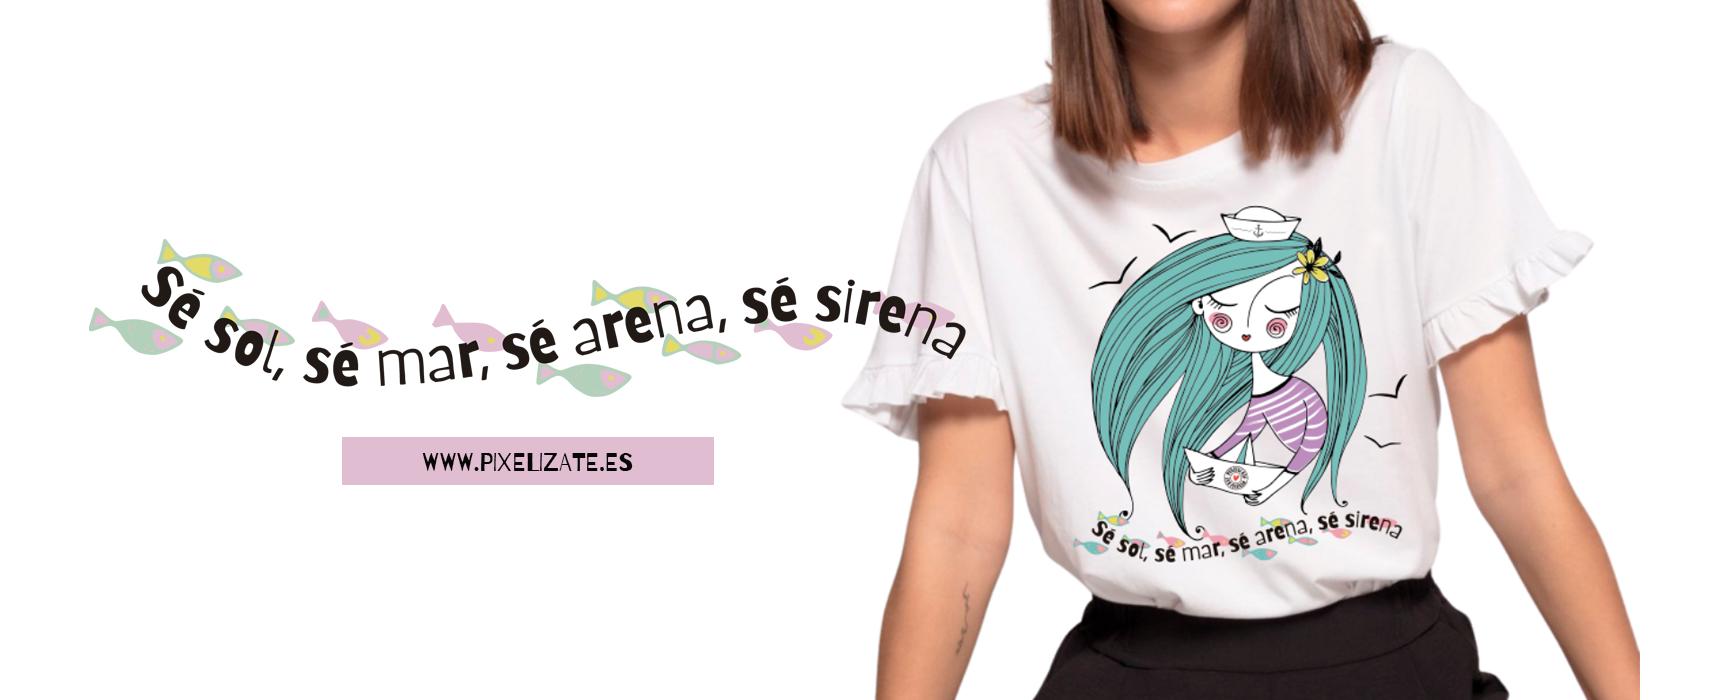 SirenaPixelizate21.png